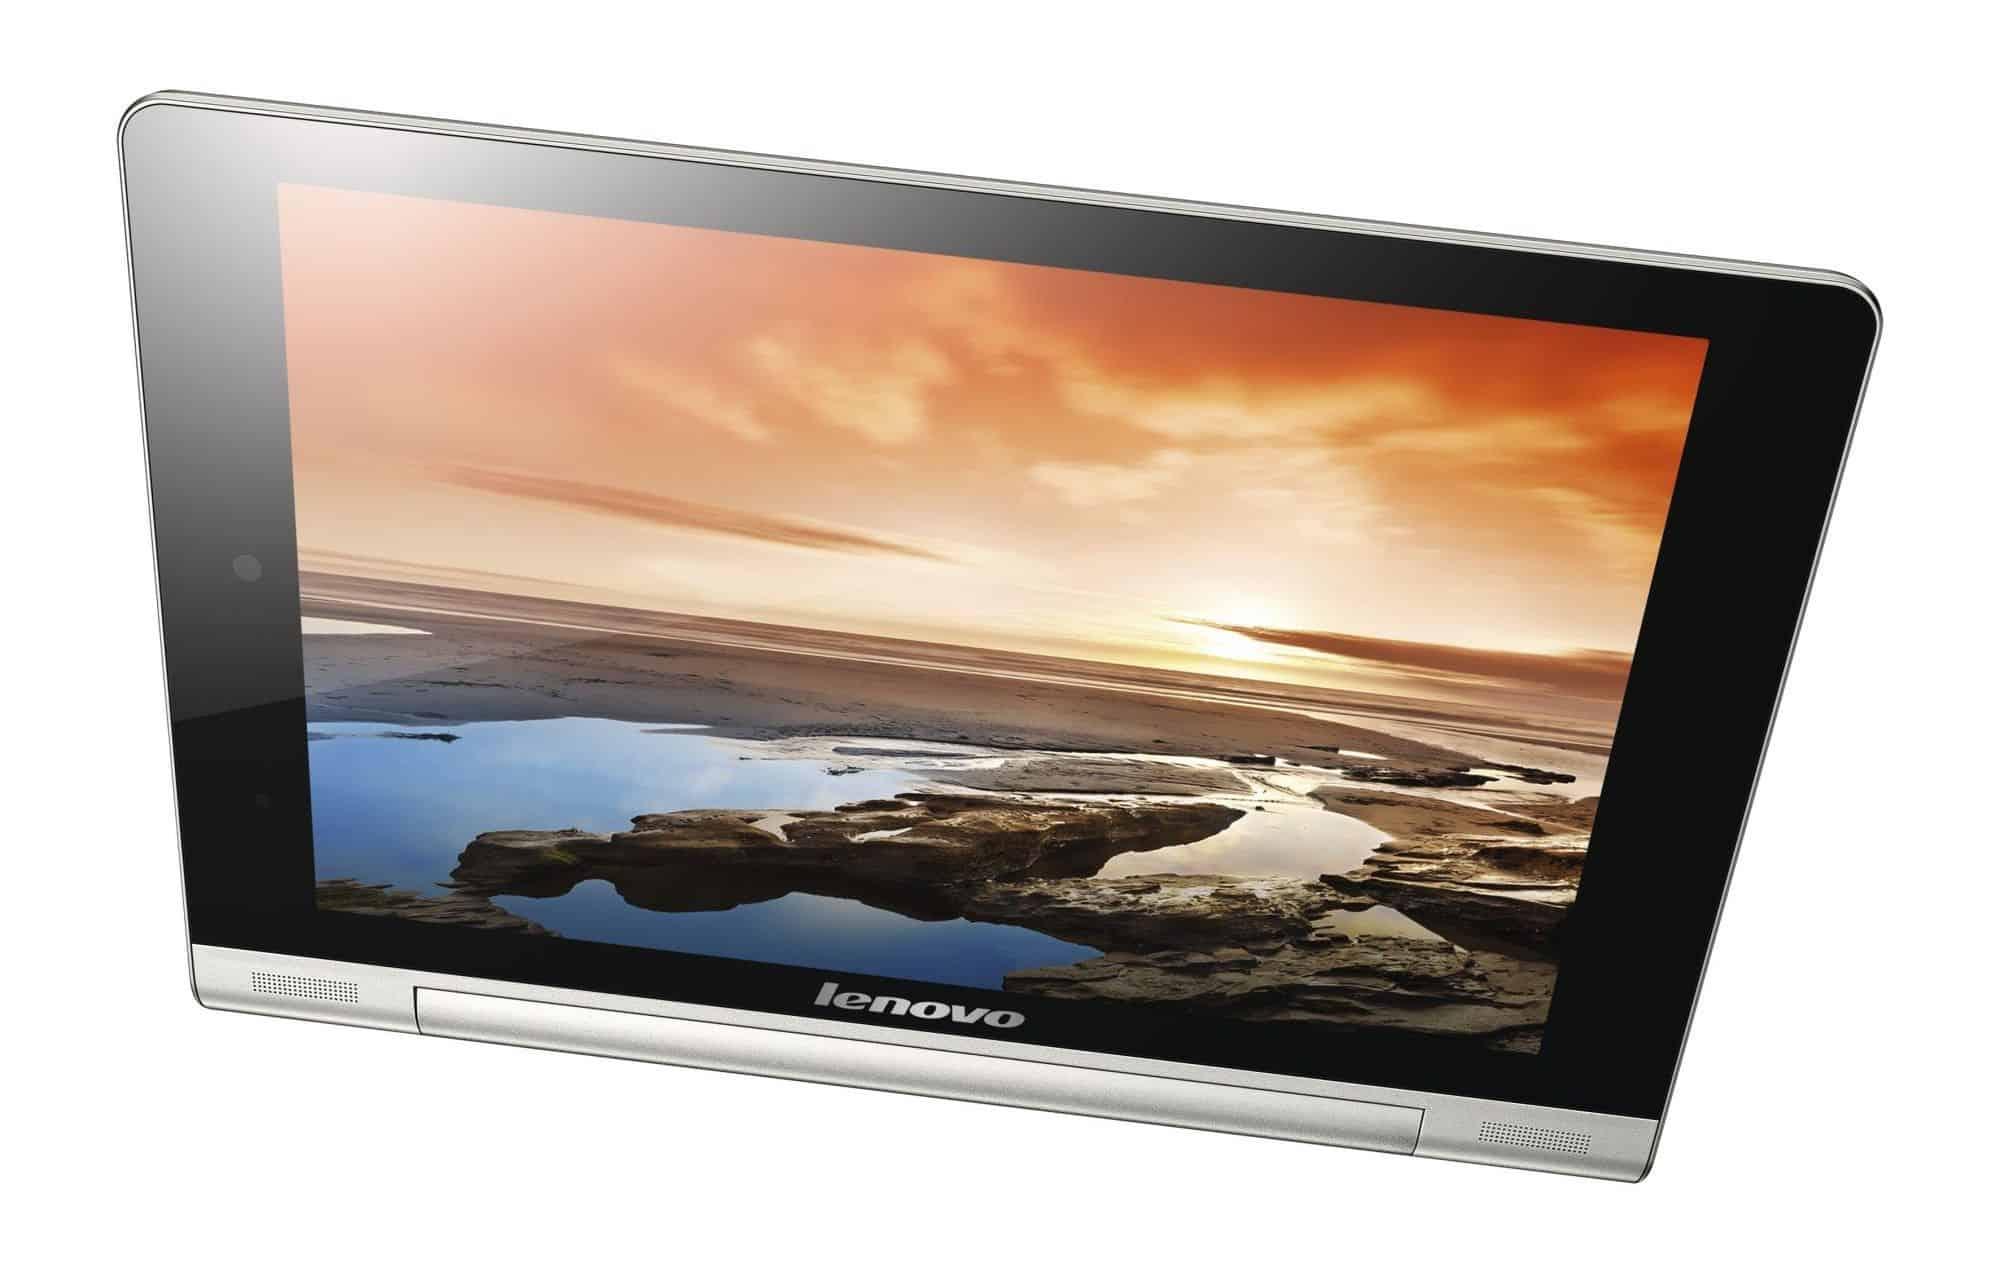 Lenovo-IdeaPad-B6000-F-02